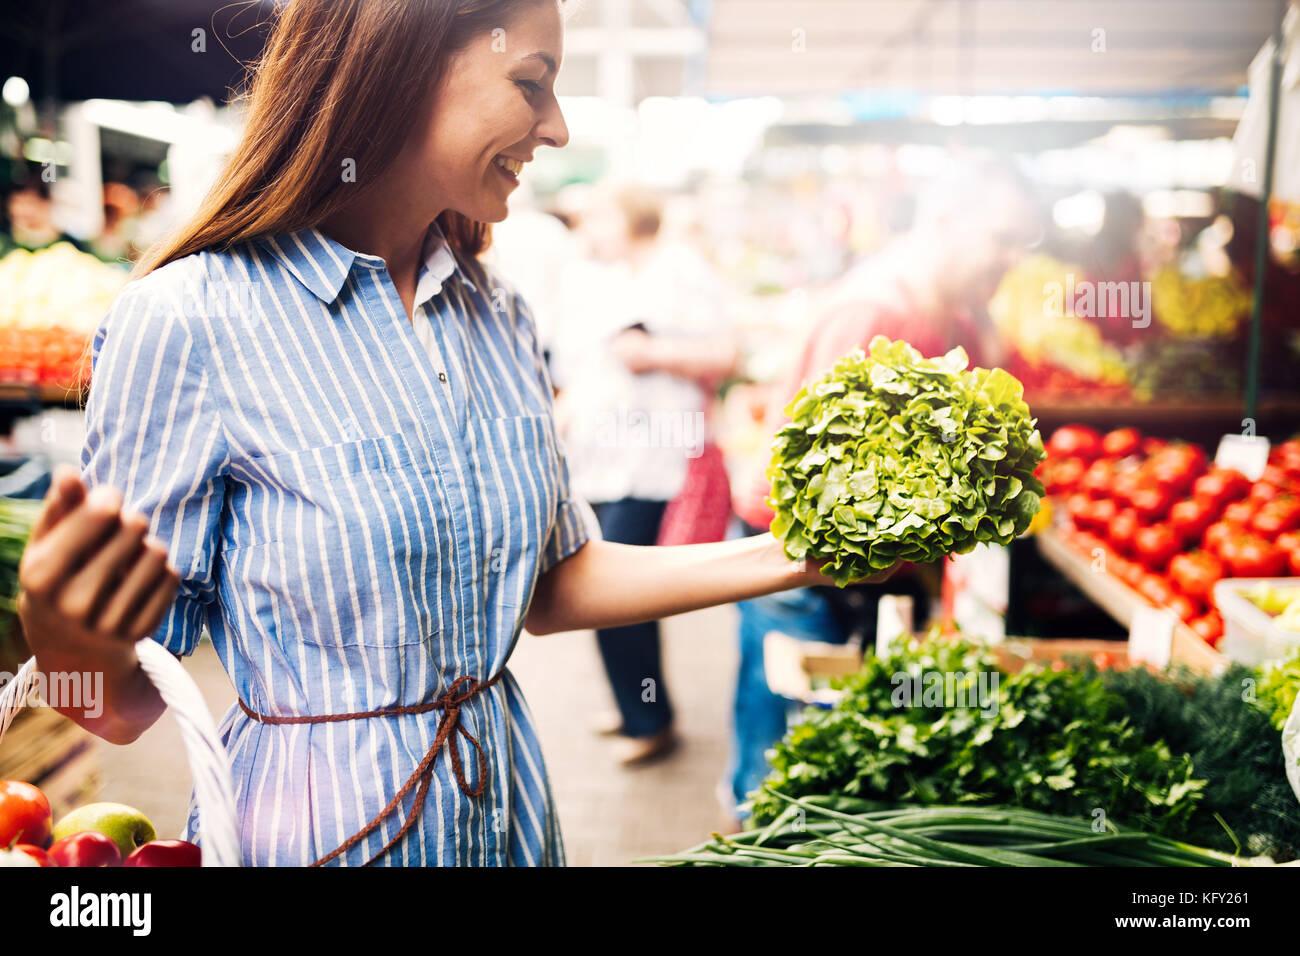 La imagen de la mujer en el mercado, comprando verduras Imagen De Stock